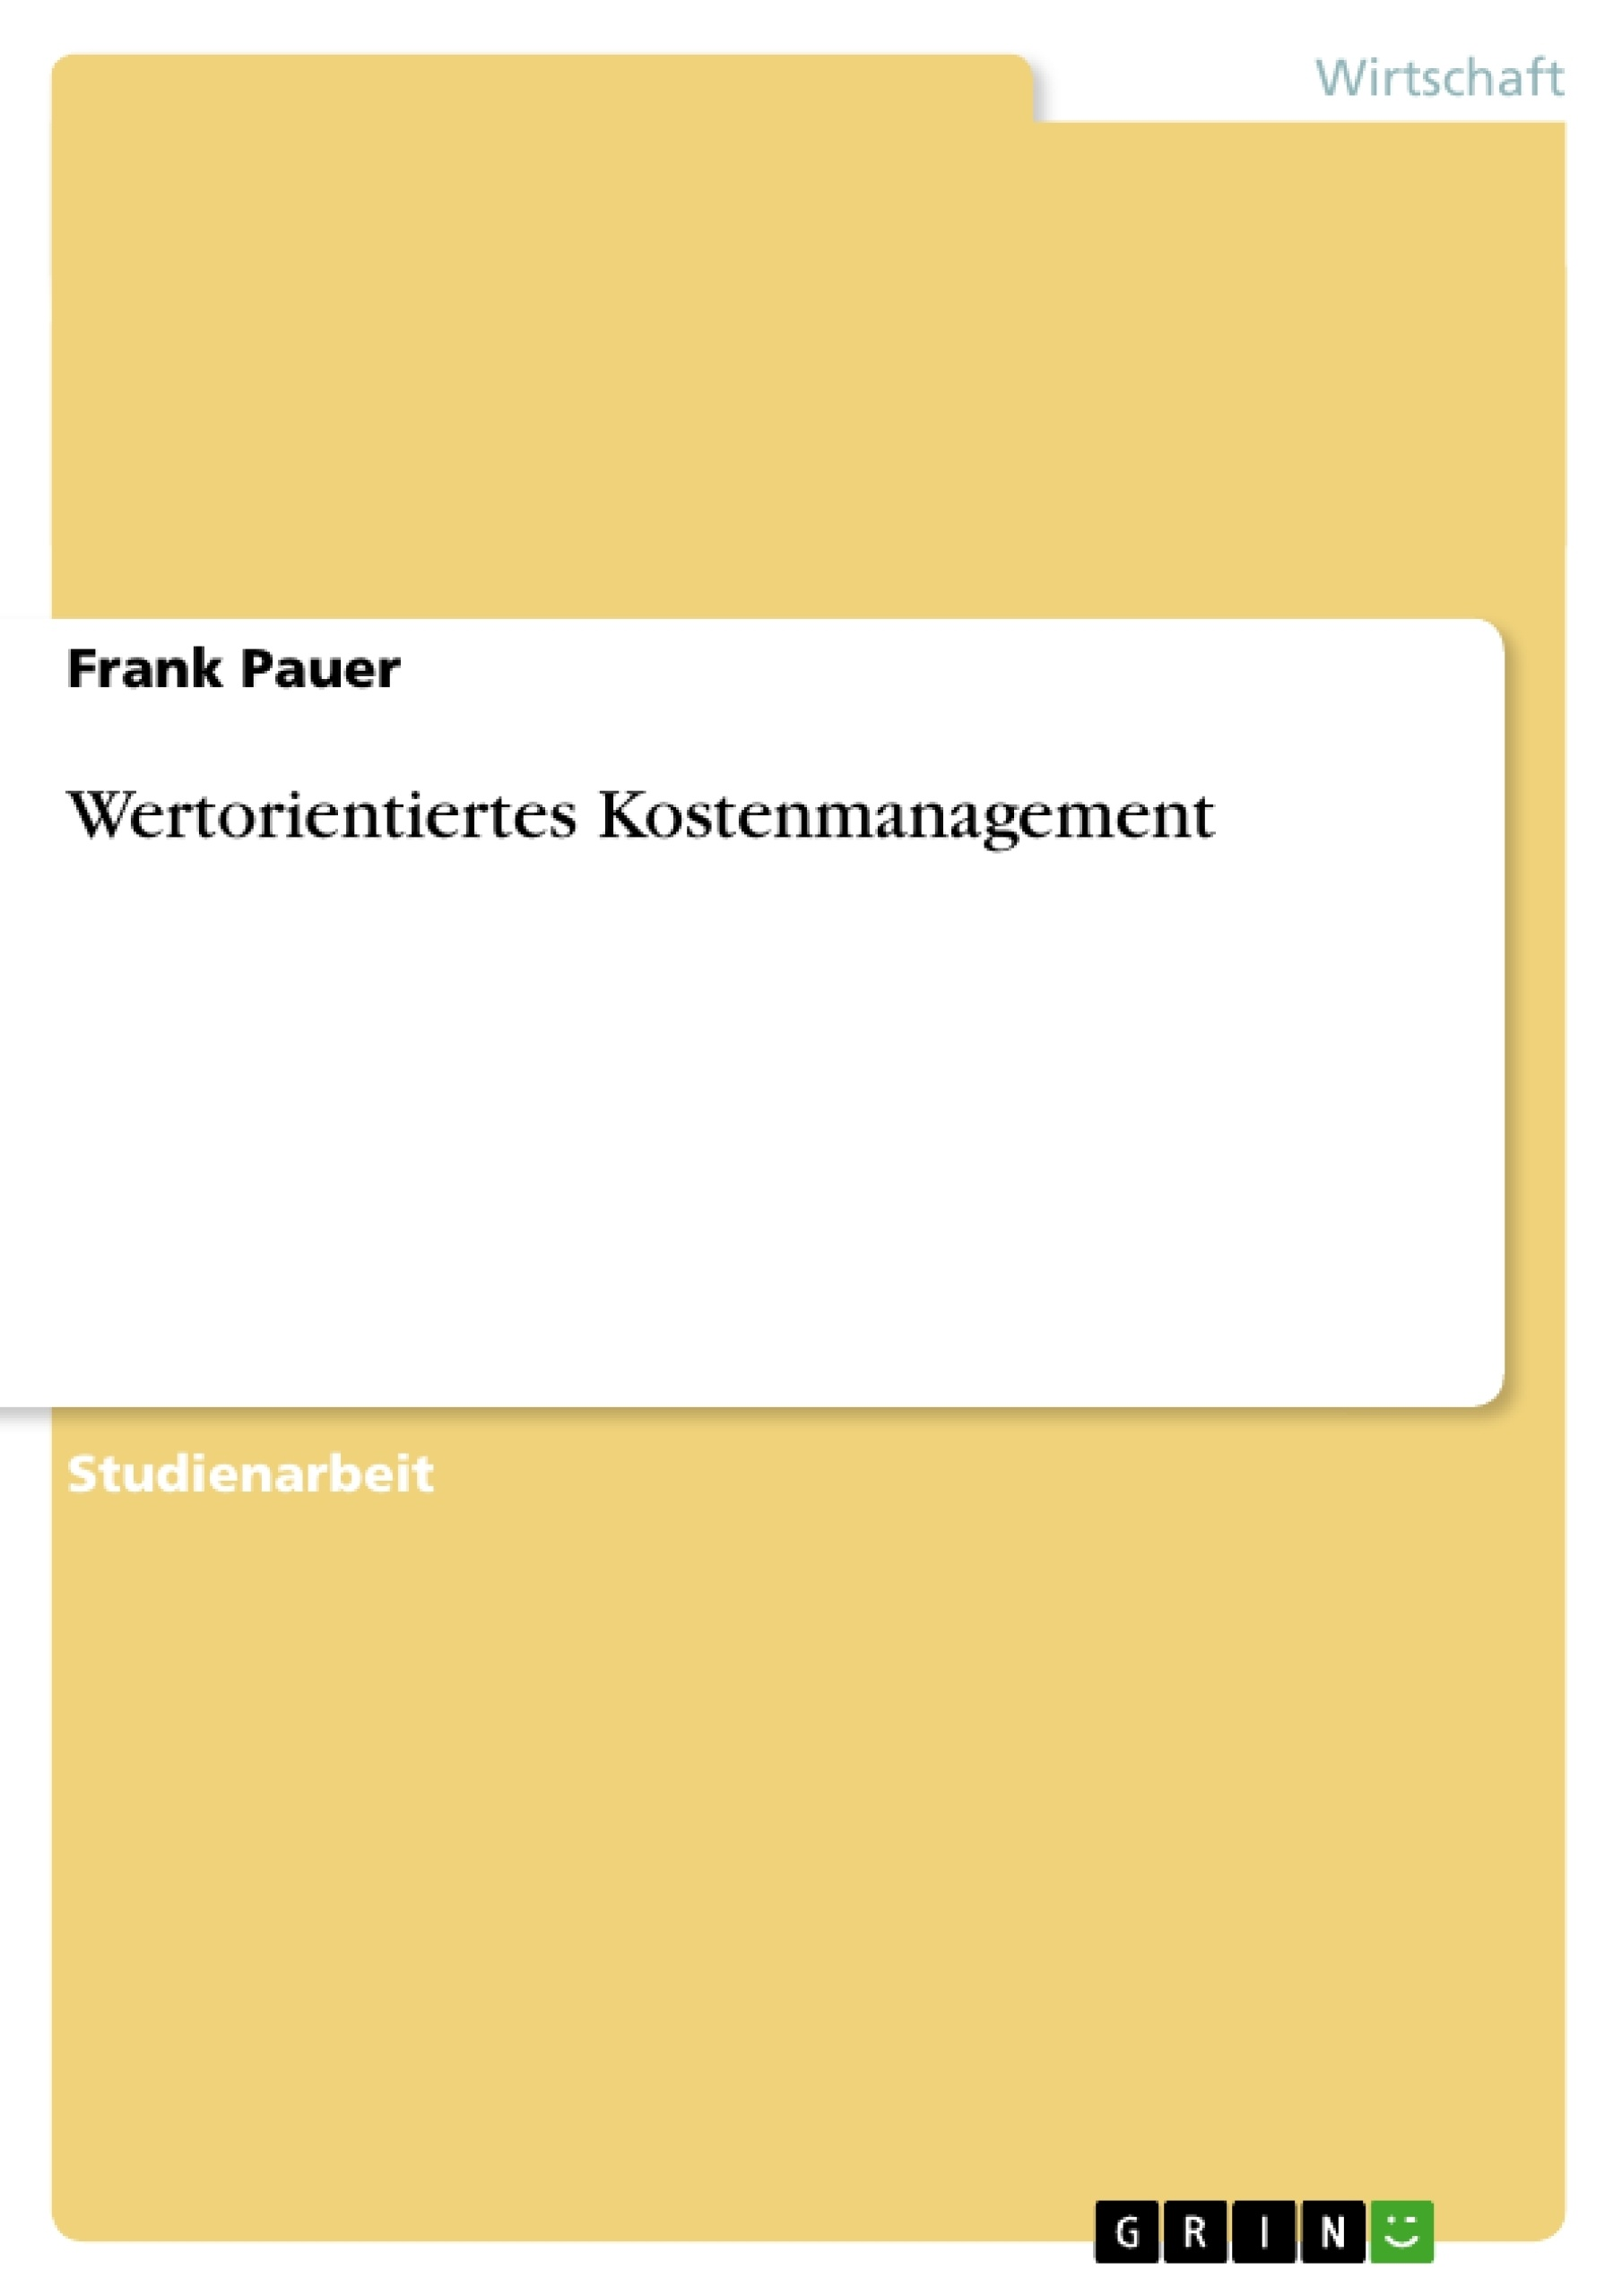 Titel: Wertorientiertes Kostenmanagement